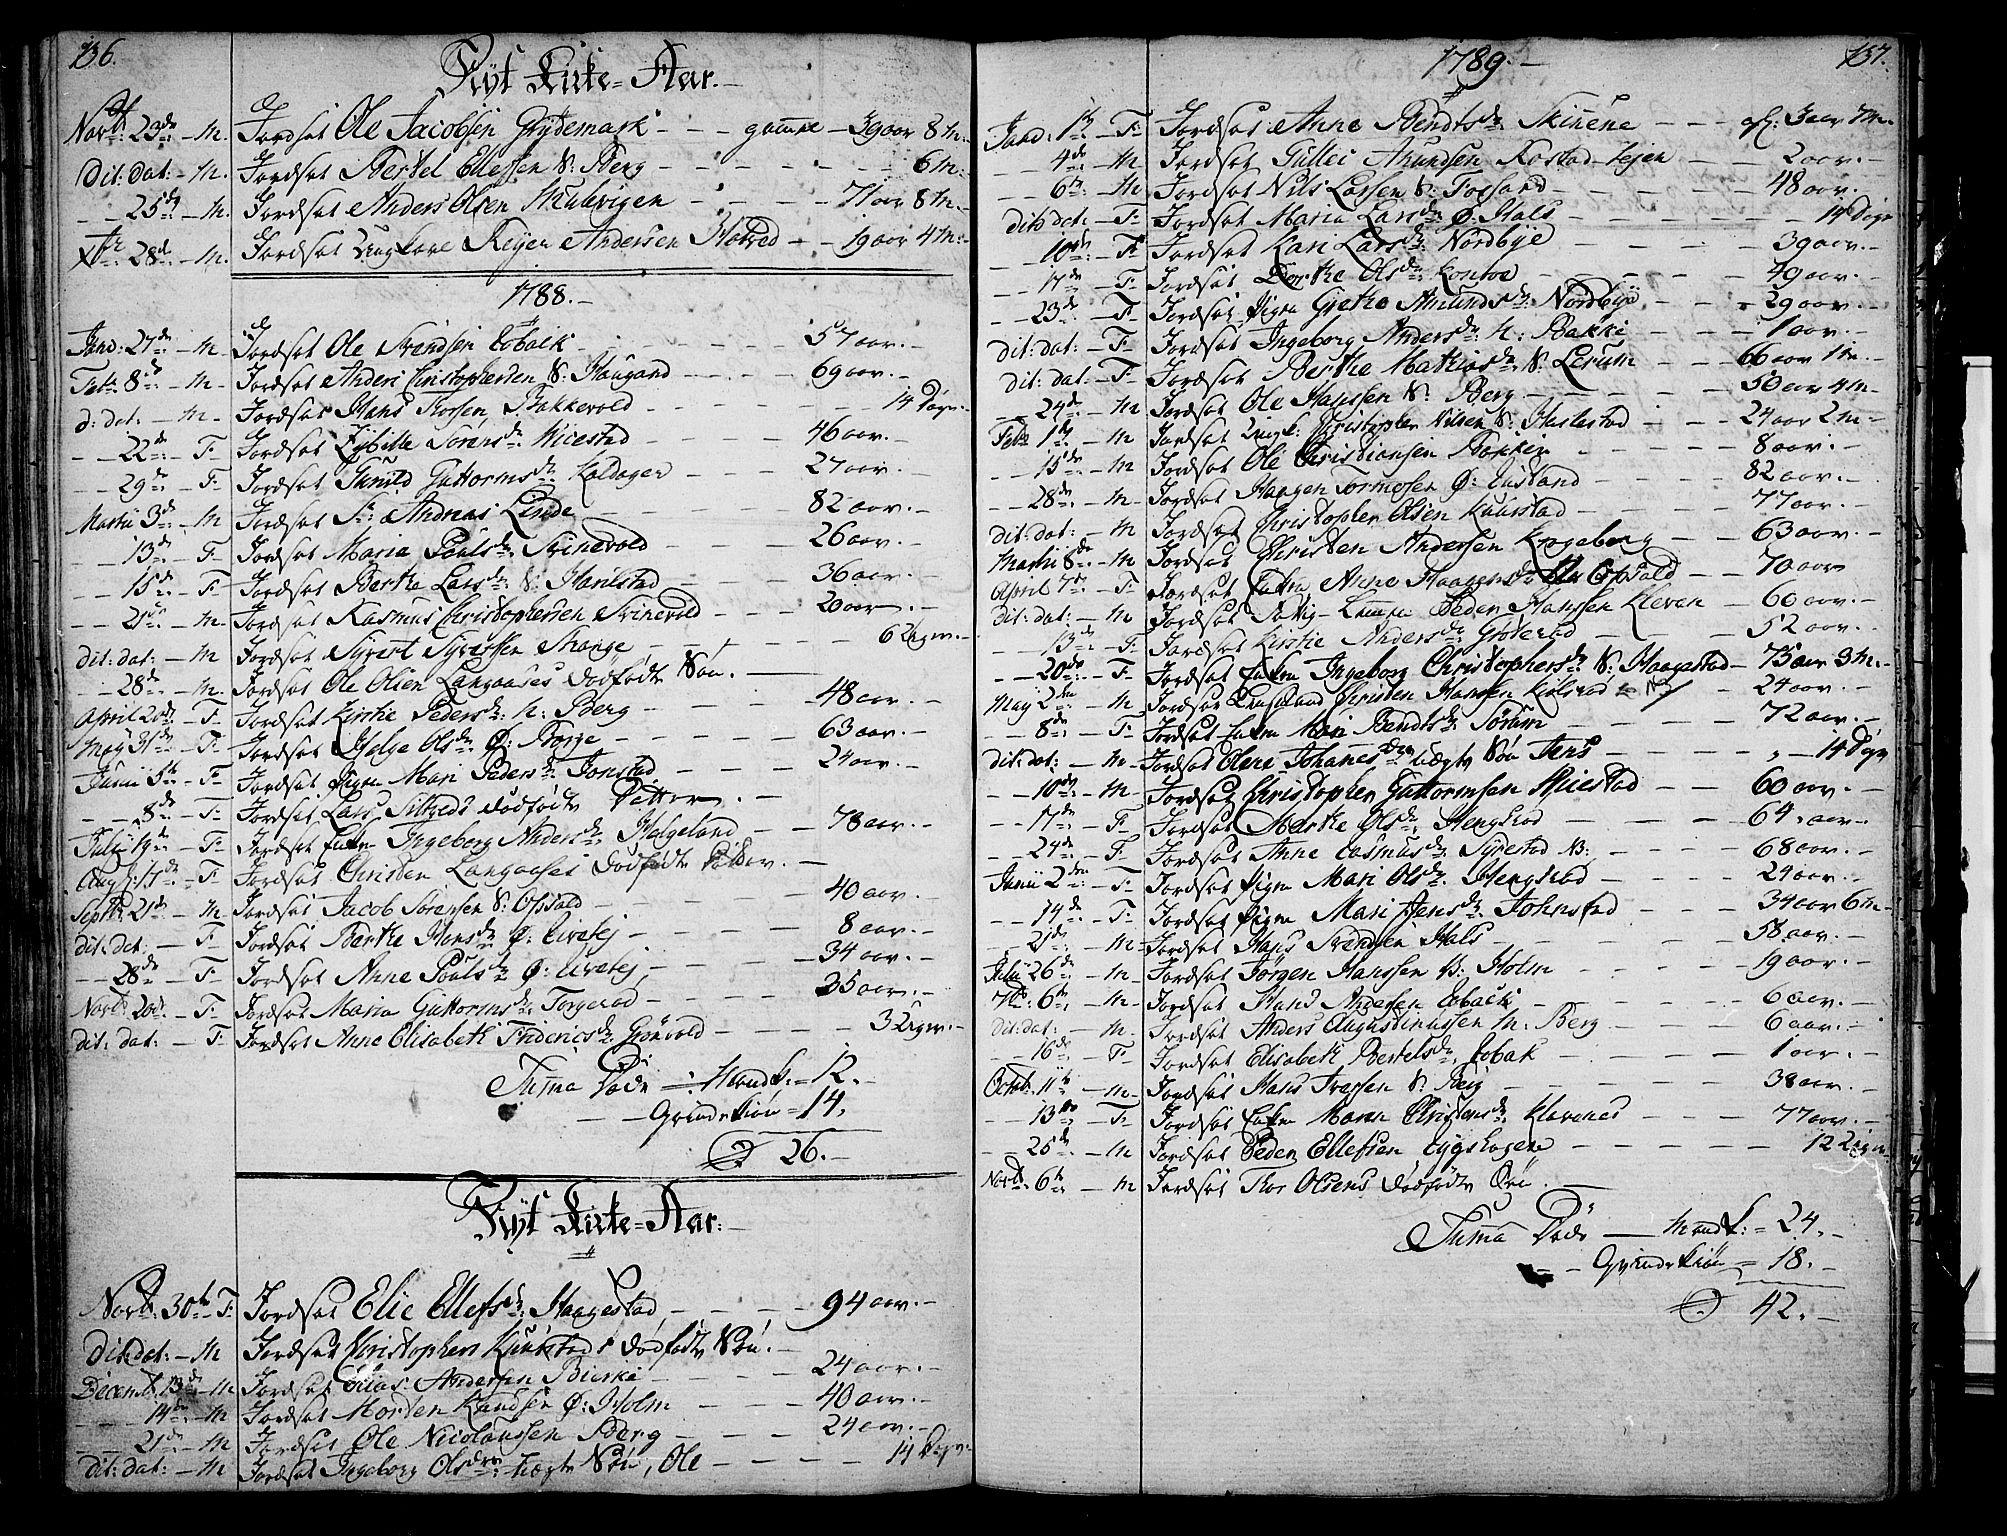 SAKO, Våle kirkebøker, F/Fa/L0005: Ministerialbok nr. I 5, 1773-1808, s. 136-137